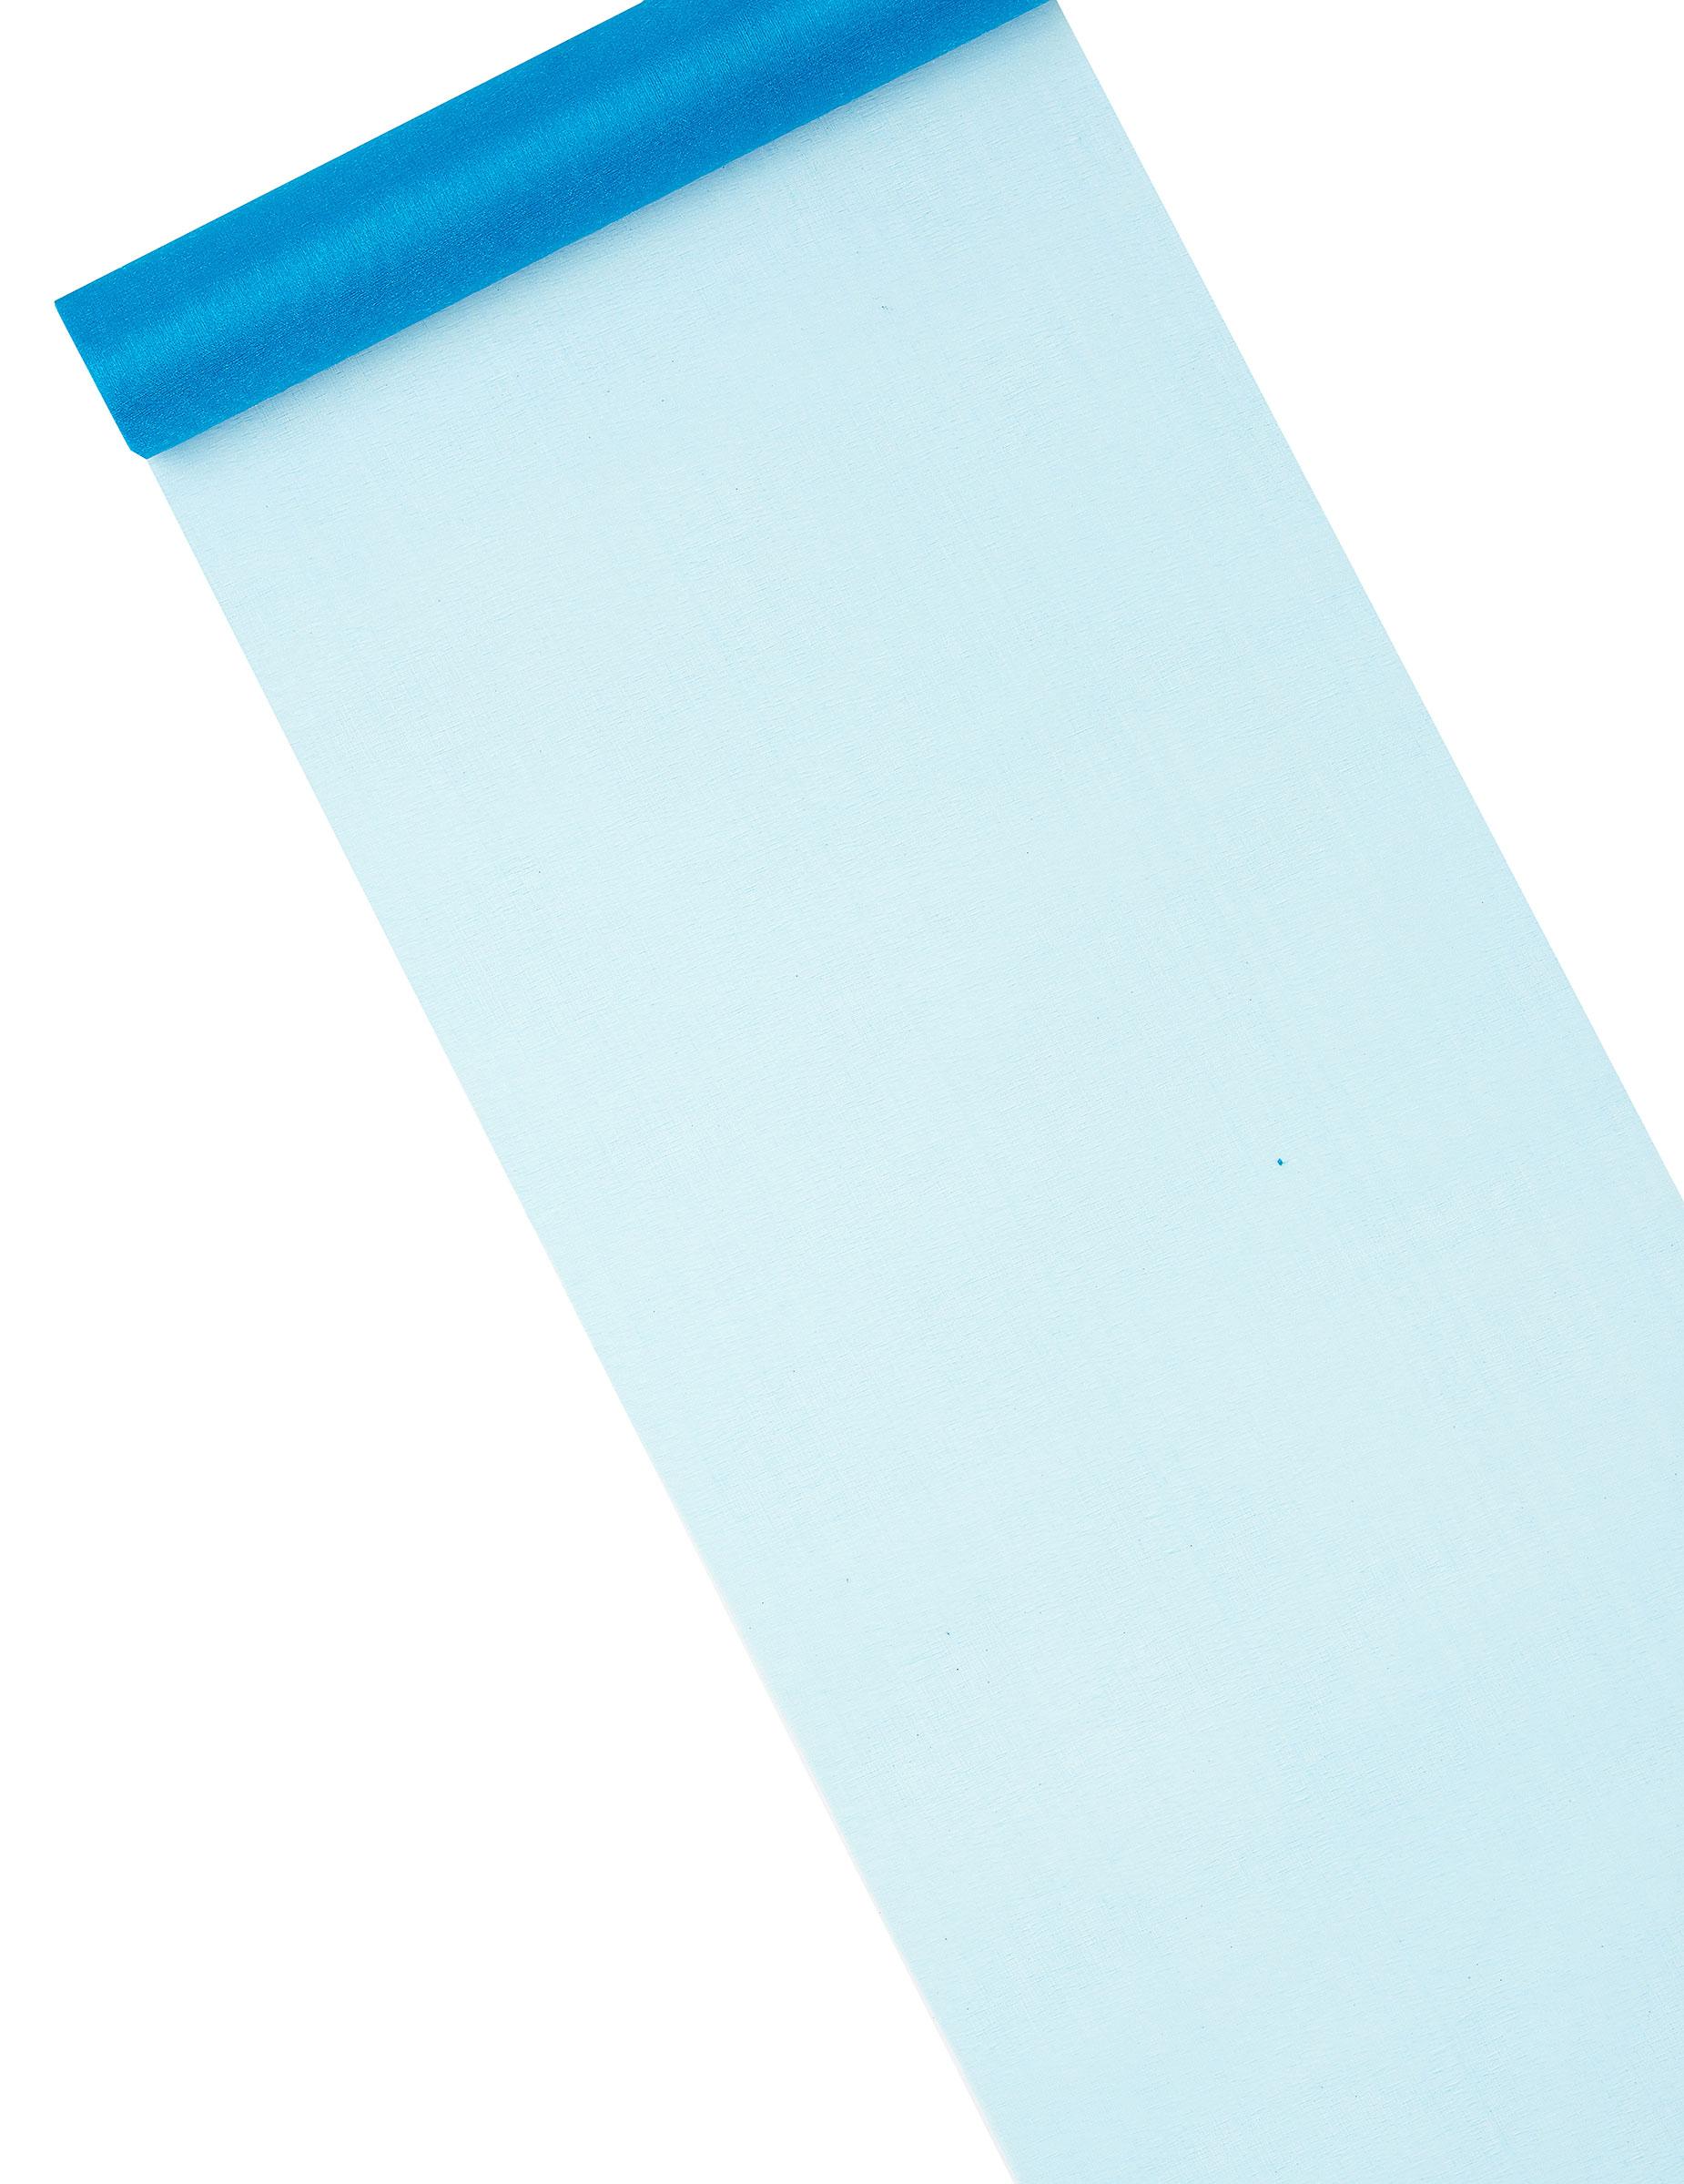 Chemin de table en organza brillant turquoise d coration for Chemin de table turquoise